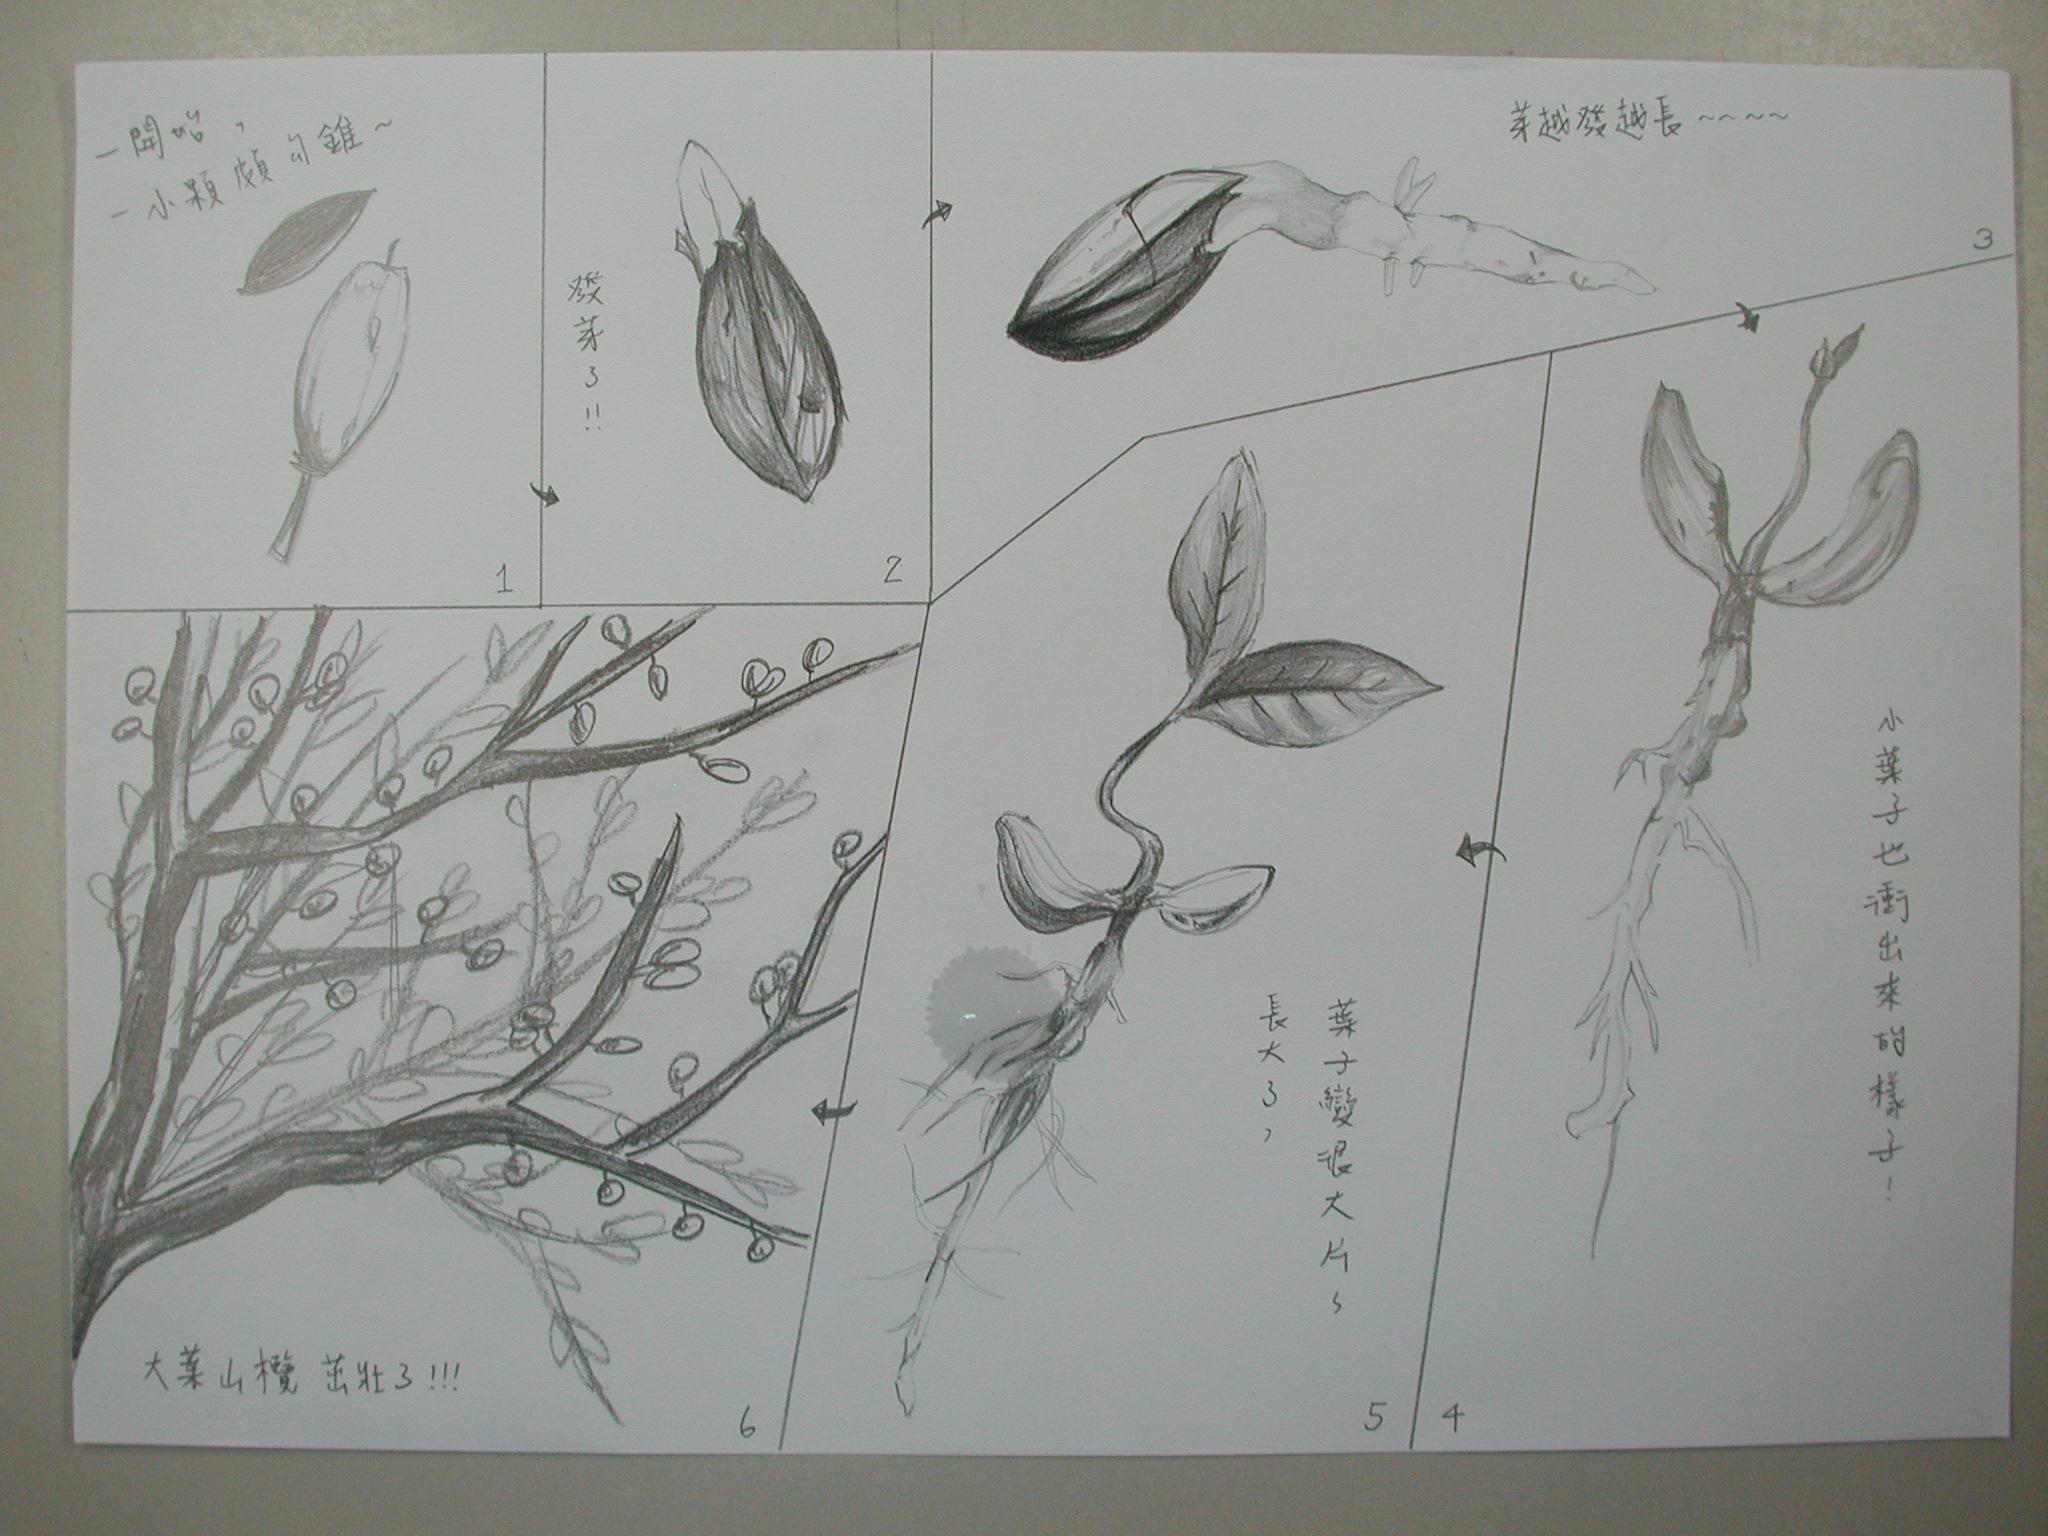 植物生长过程简笔画-木设一学生手绘植物发芽纪录 2 –从植物中学画